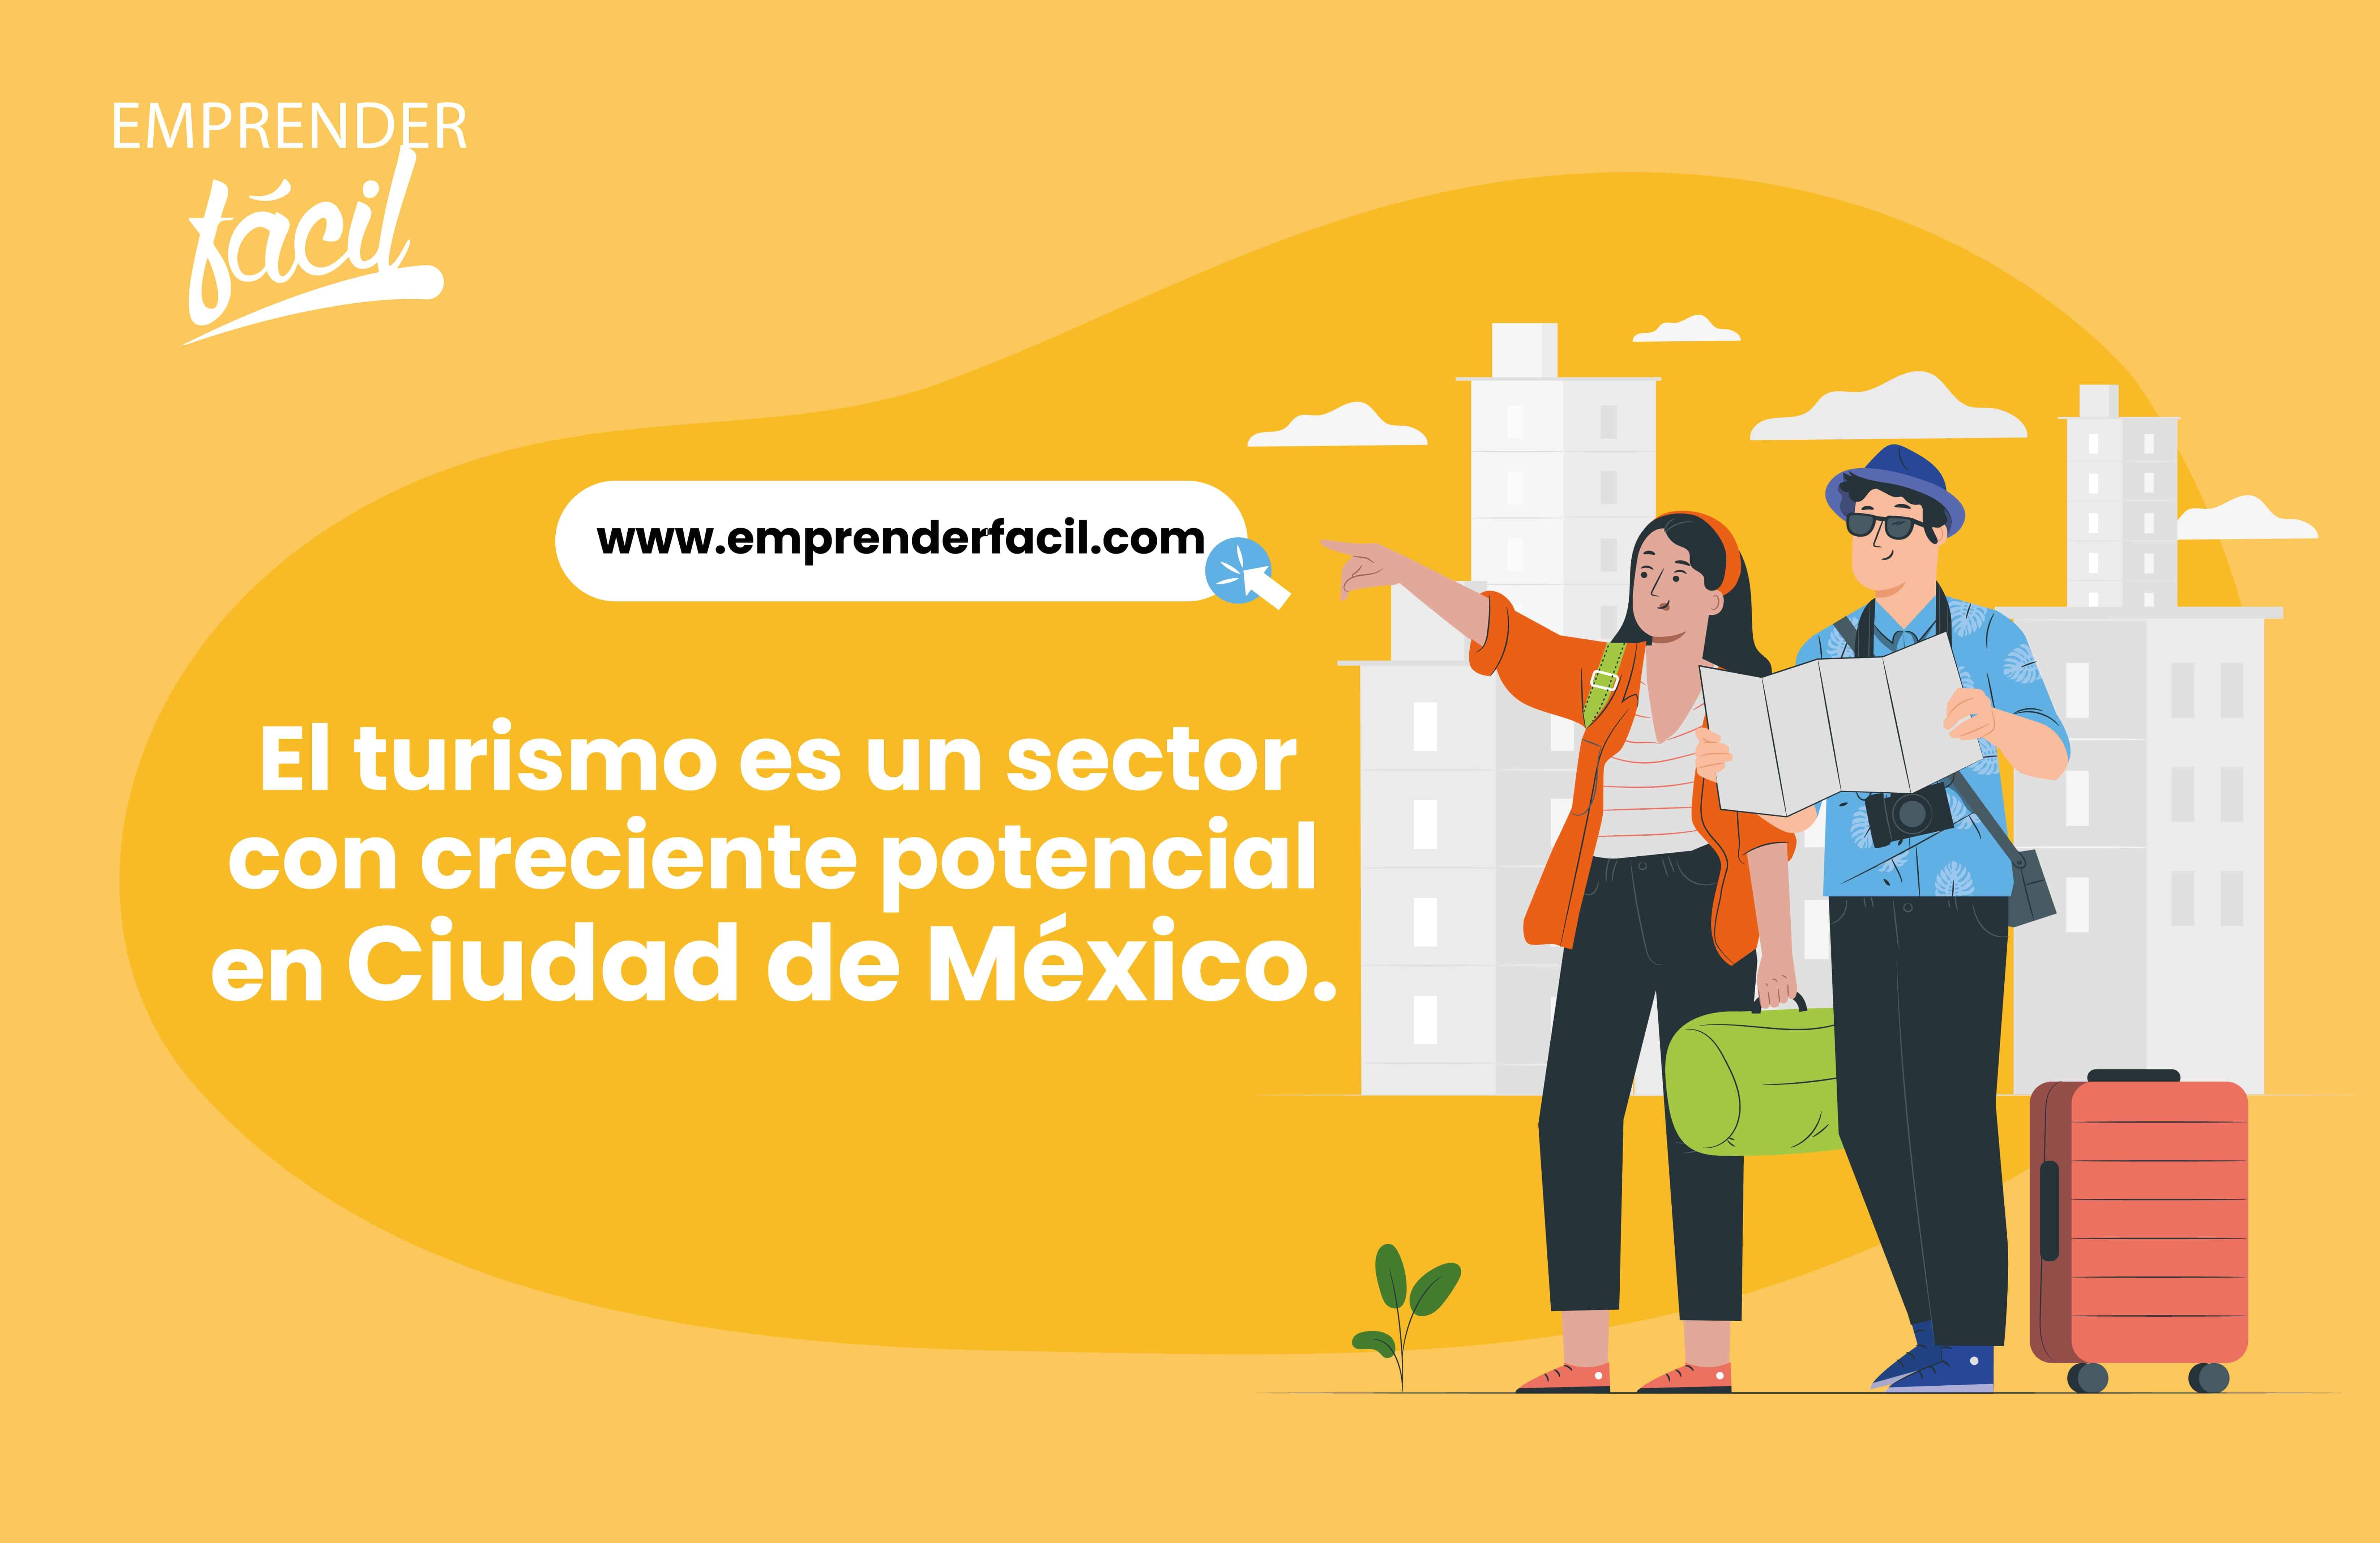 El turismo es un sector con creciente potencial en Ciudad de México.